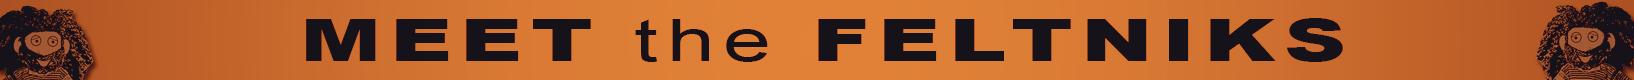 Meet_the_Feltniks_Banner.jpg